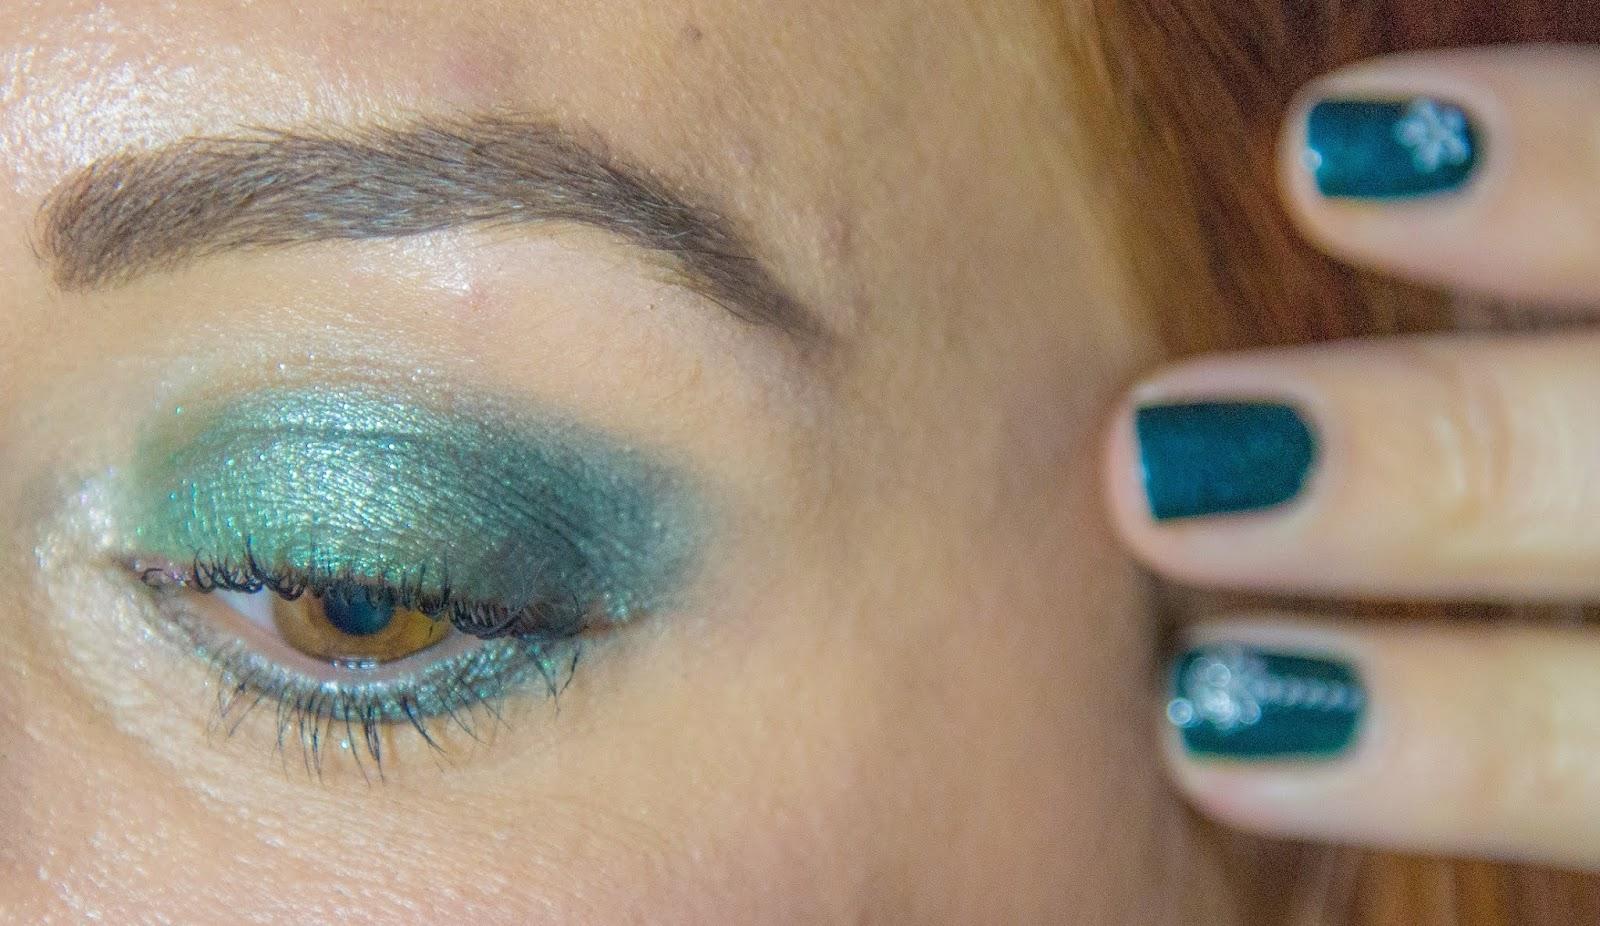 maquillage-vert-noel-urban-decay-clarins